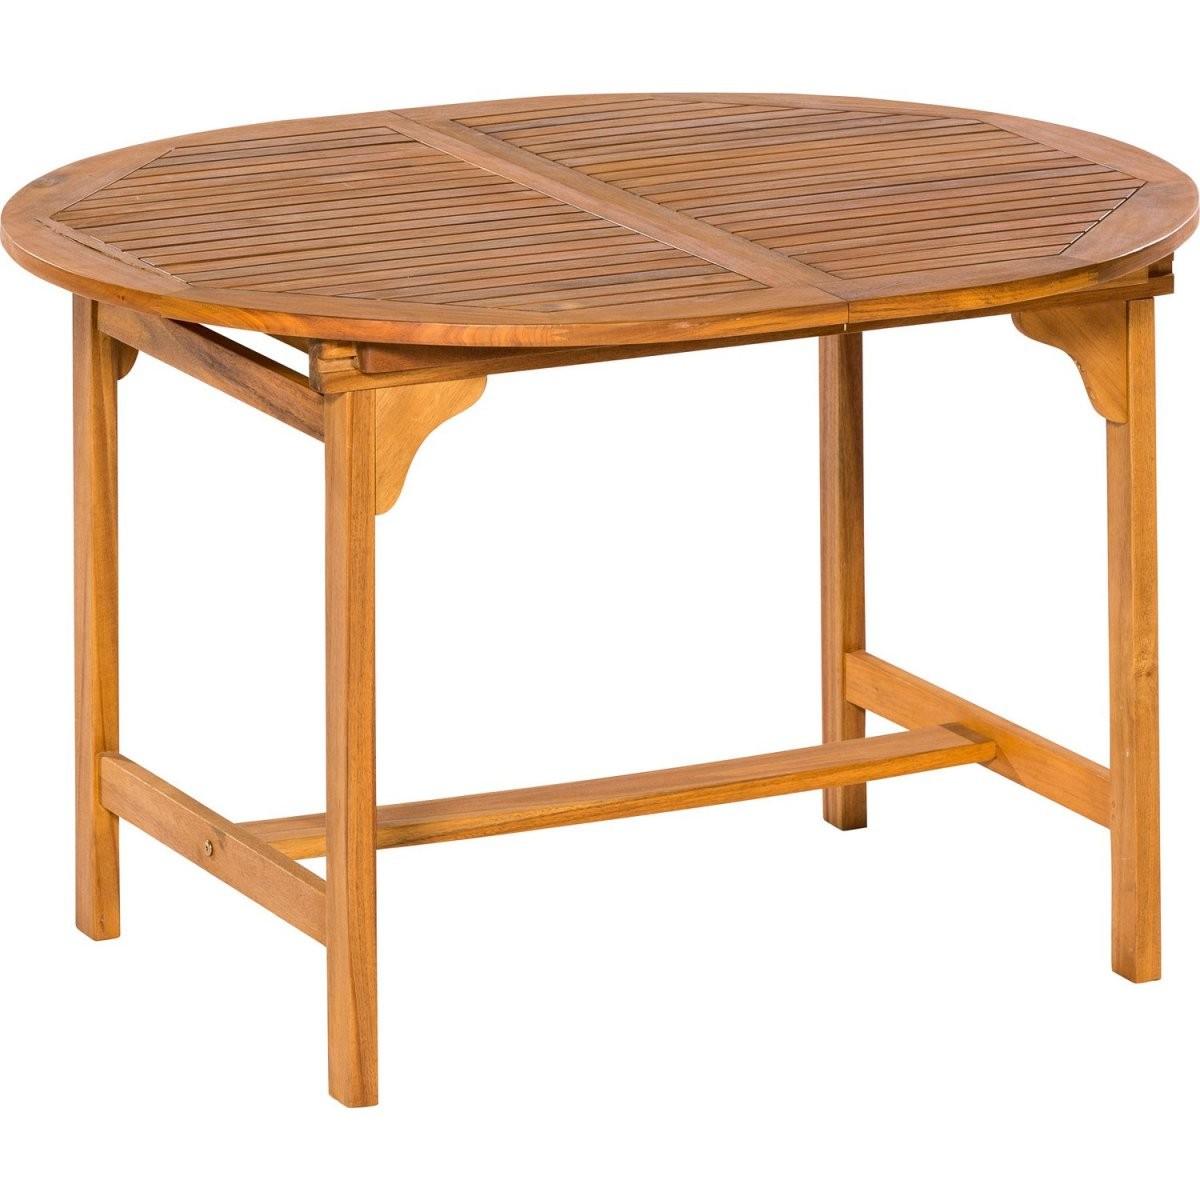 Gartentisch Oval 120170 Cm X 100 Cm Akazie Ausziehbar Kaufen Bei Obi von Gartentisch Holz Rund 120 Photo